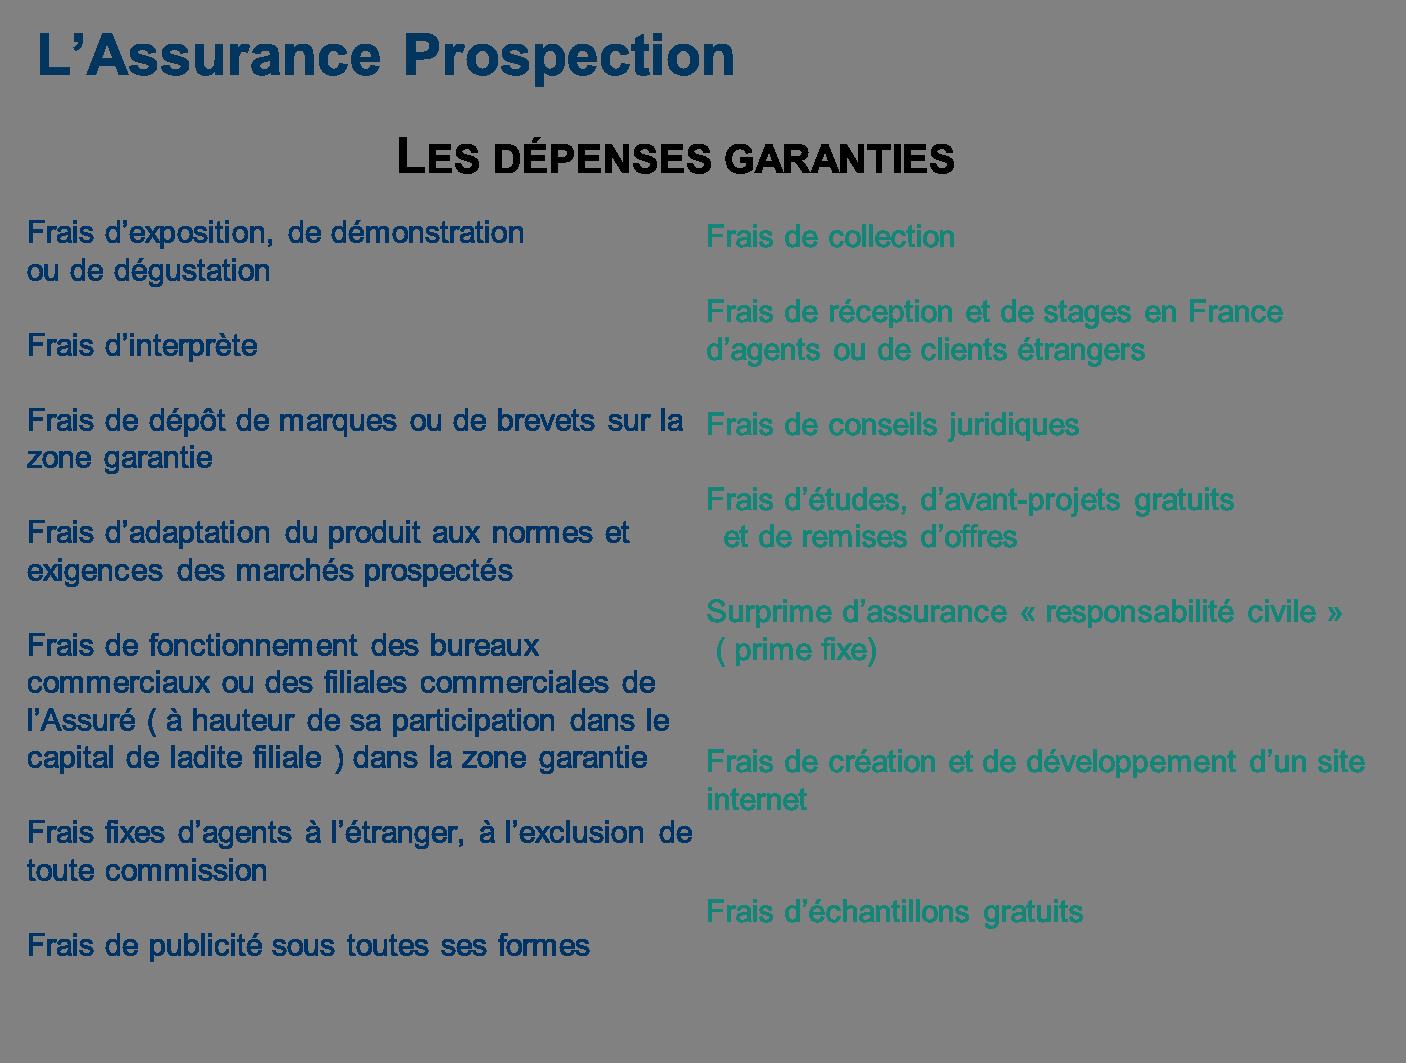 Coface : les dépenses garanties par l'assurance prospection - 2